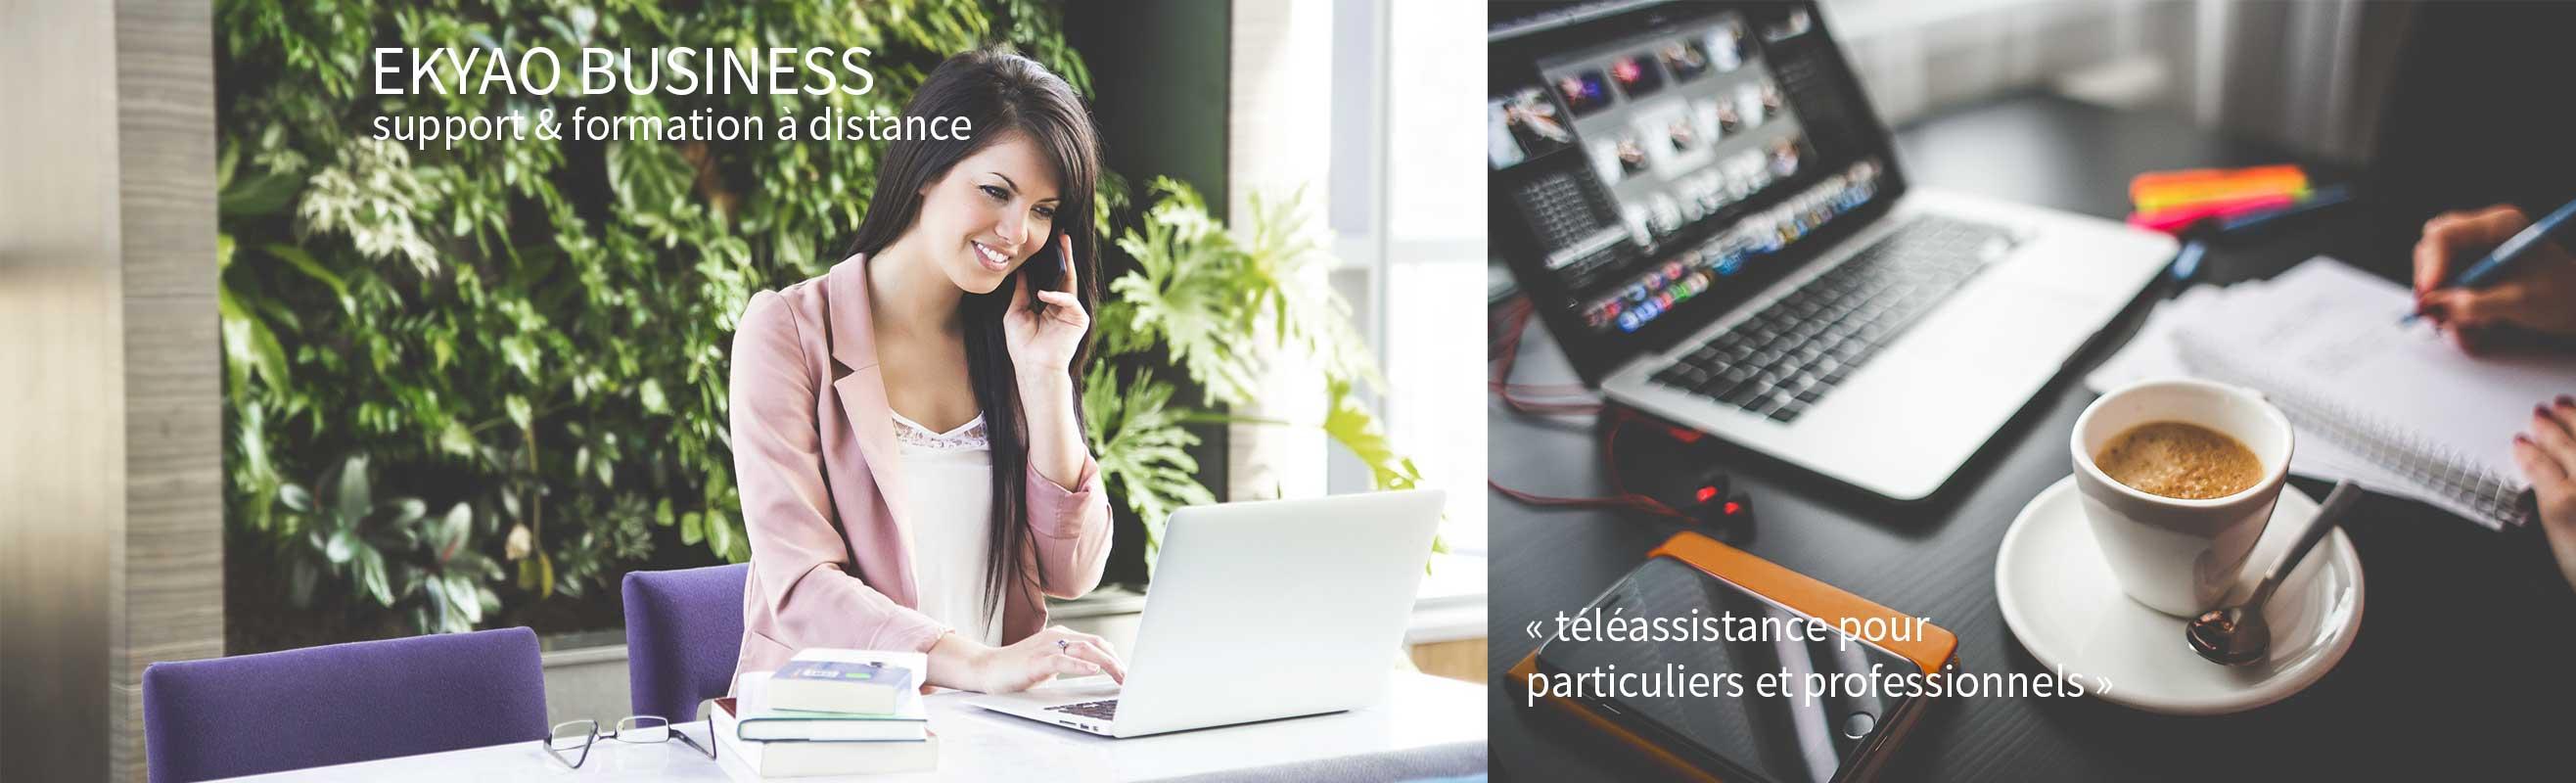 Ekyao Business - Assistance à distance. Téléassistance pour particuliers et professionnels